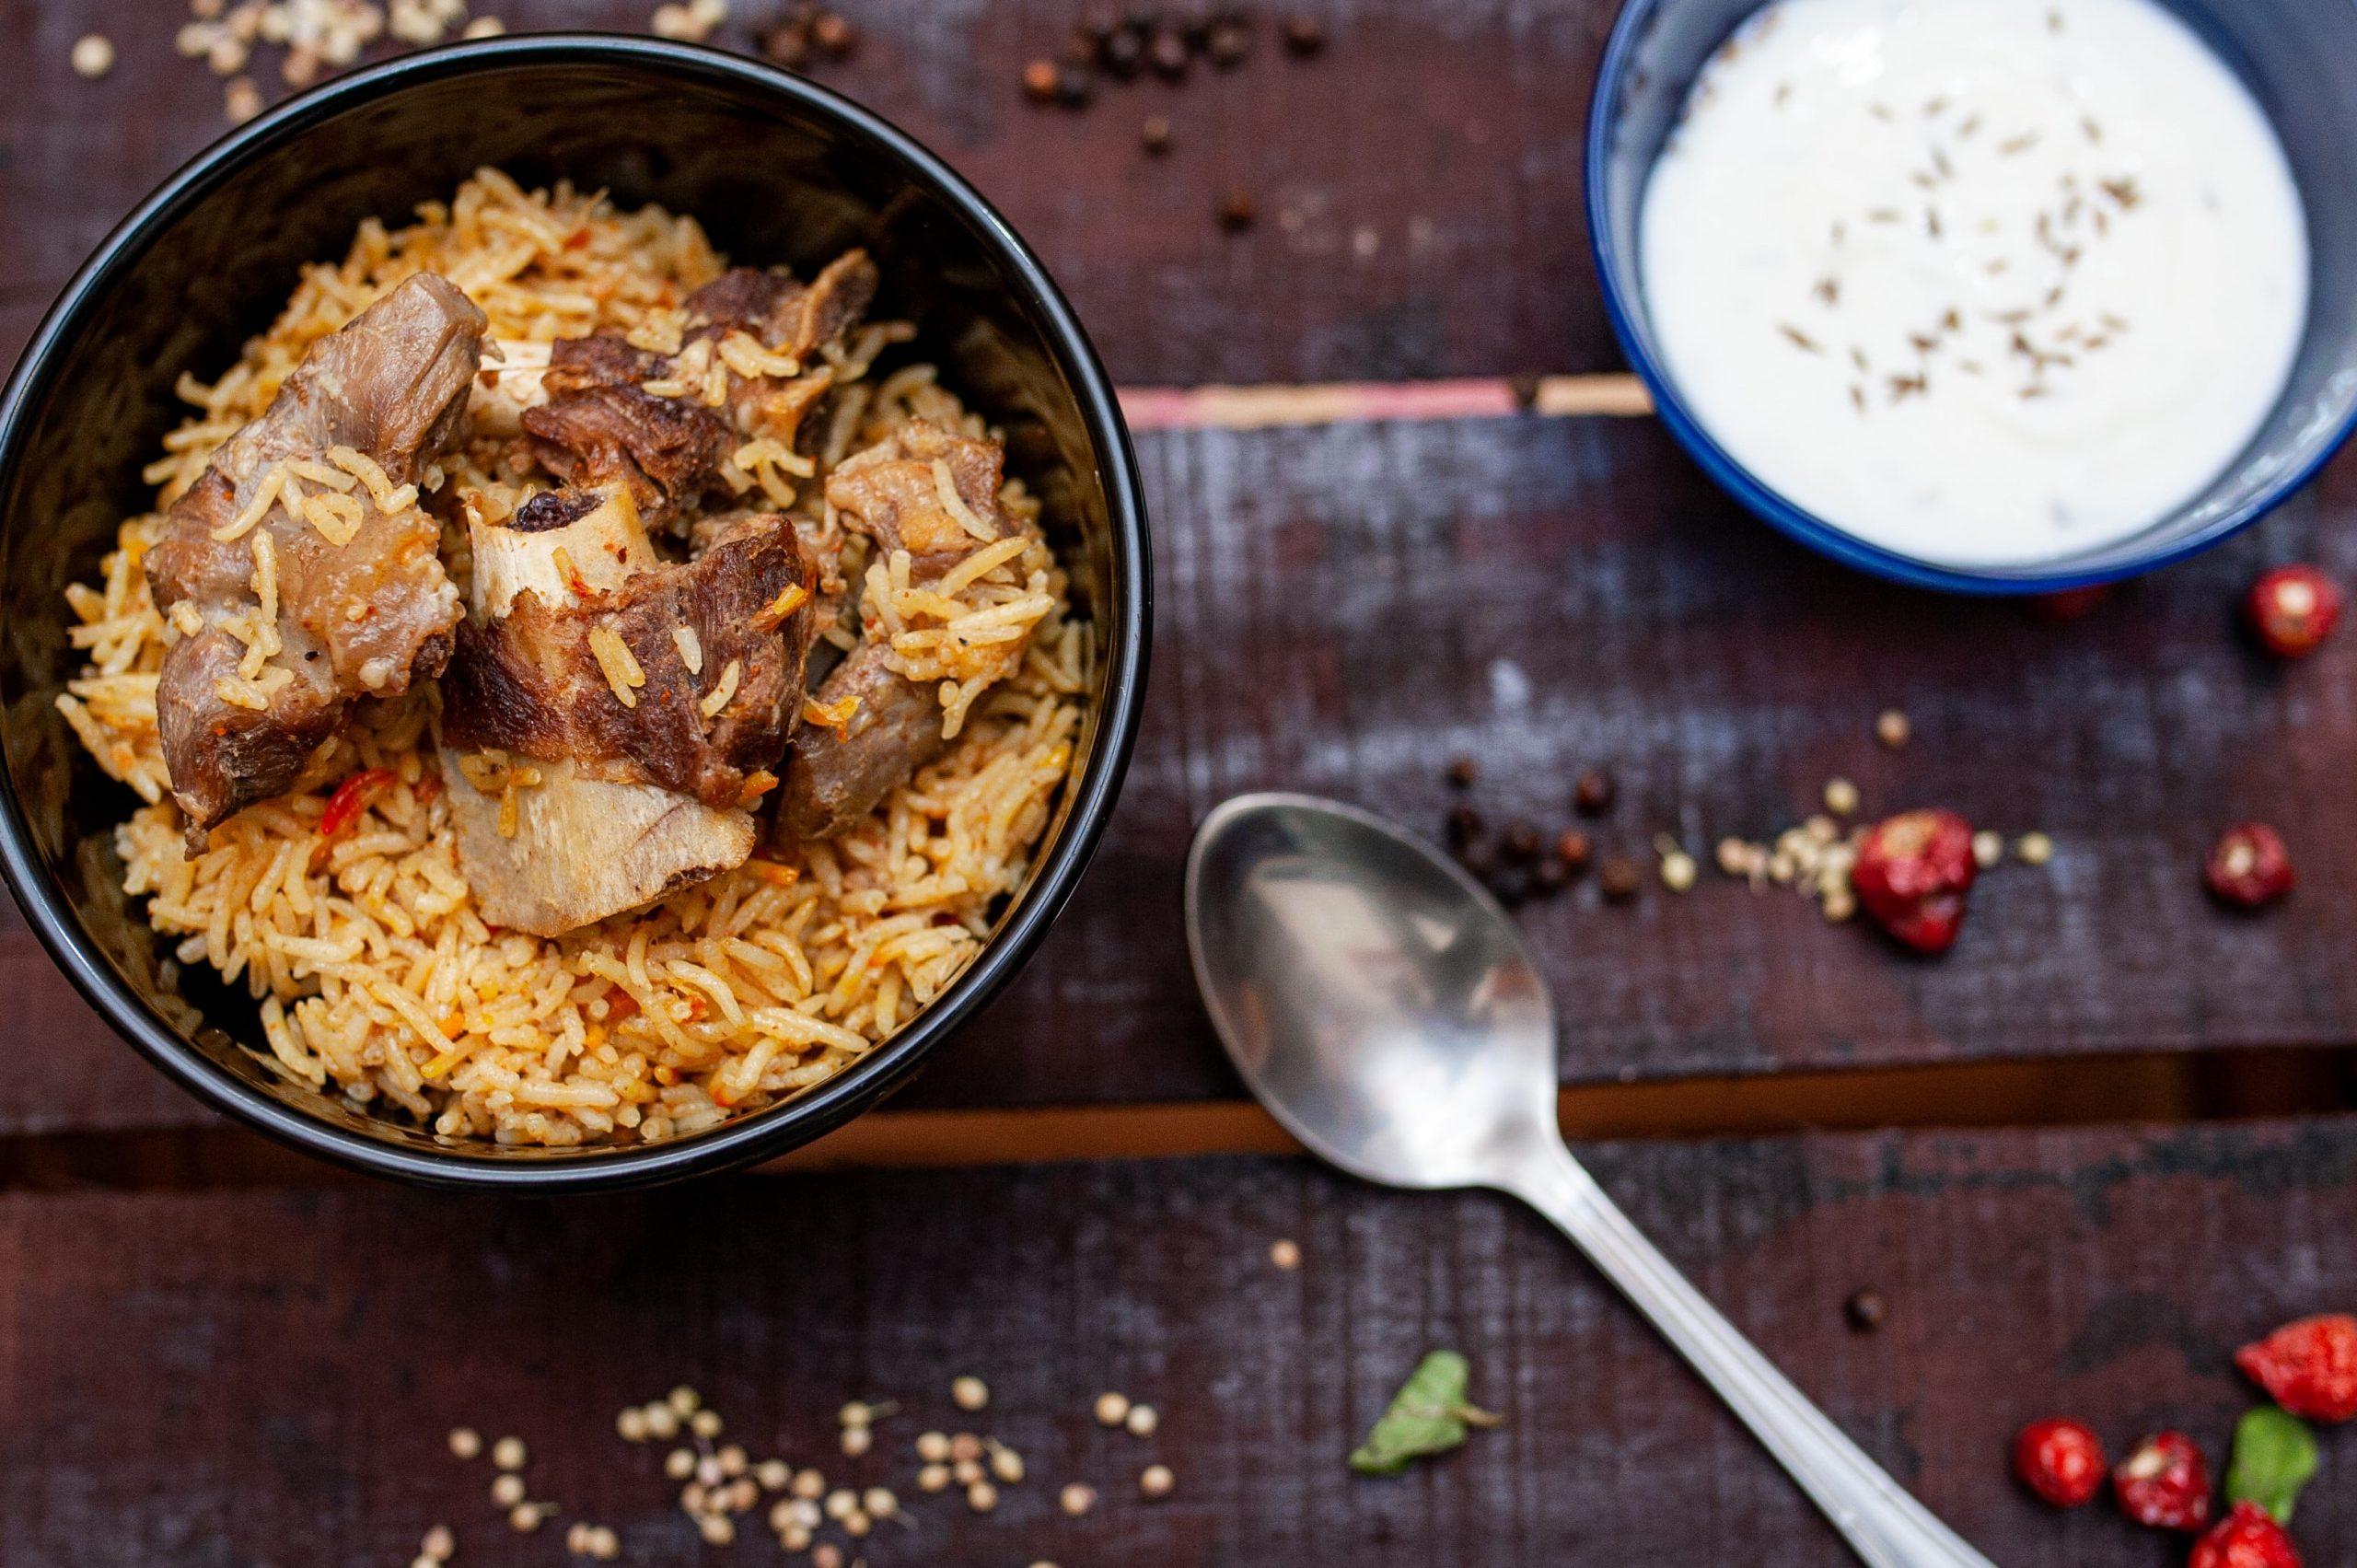 Mutton Biryani plating | Getmecooking.com